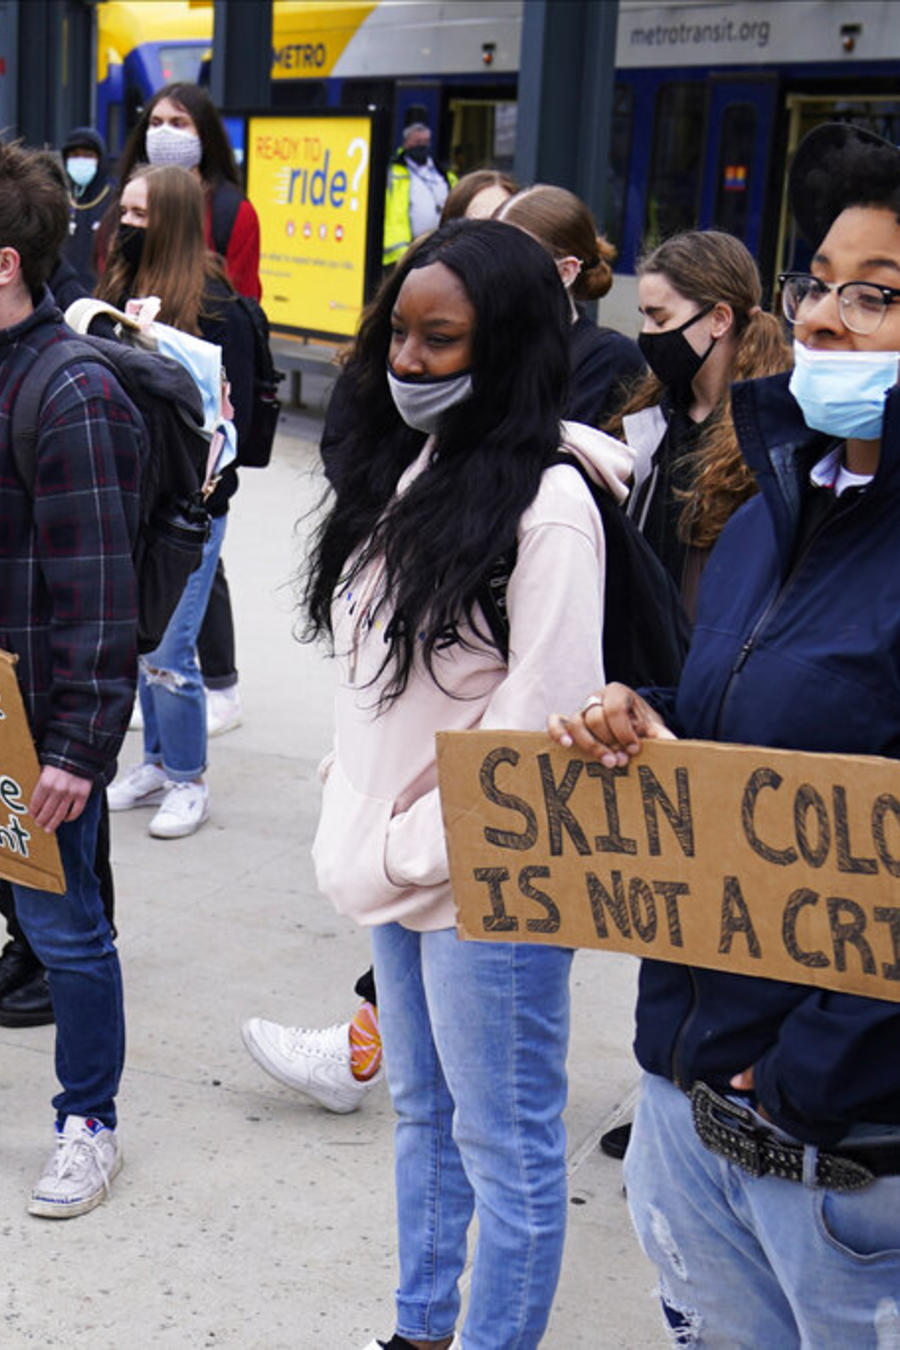 Estudiantes protestan en Minneapolis contra la brutalidad policial mientras el jurado en el juicio por George Floyd inicia de su deliberación